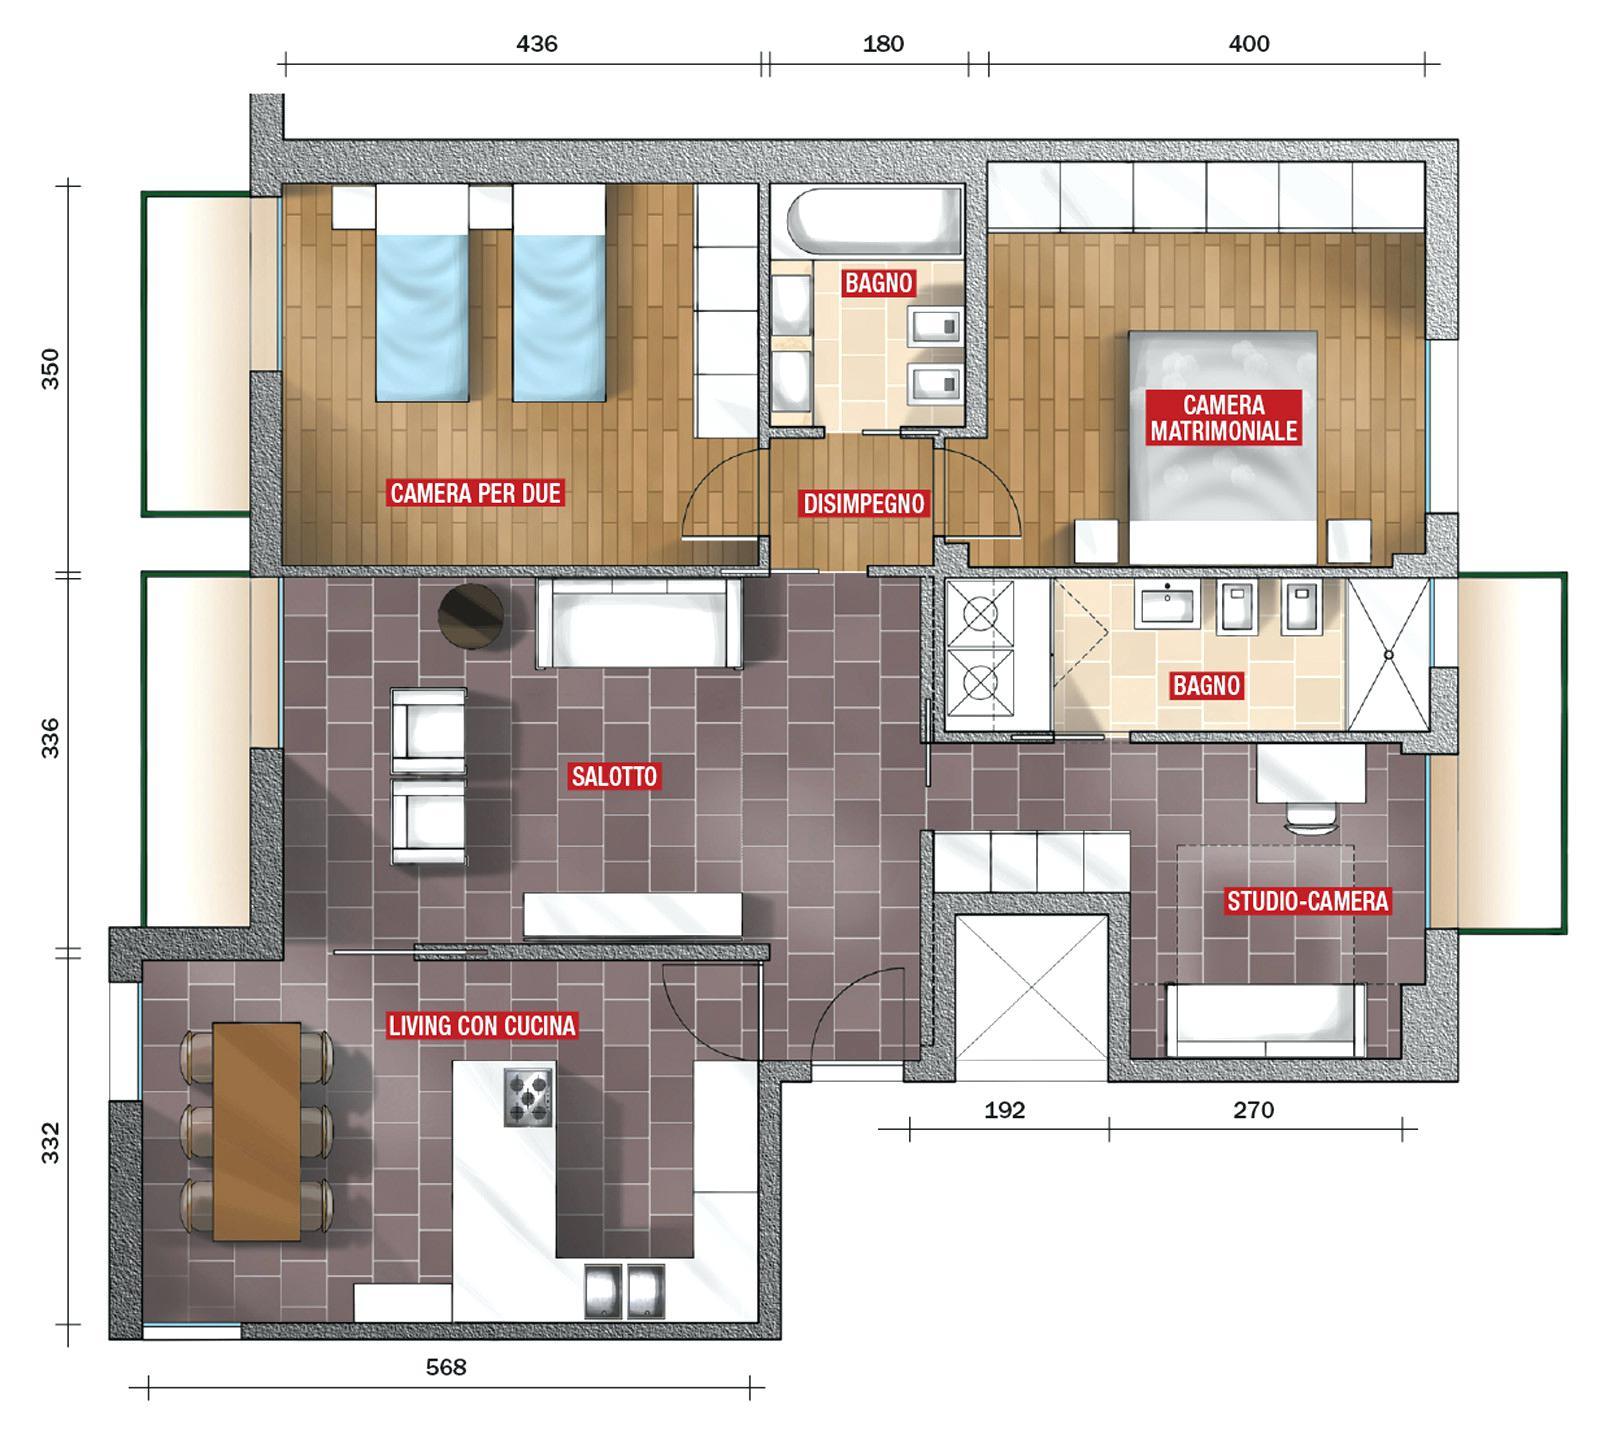 Nel definire come si progetta una casa, si parte sempre da una piantina